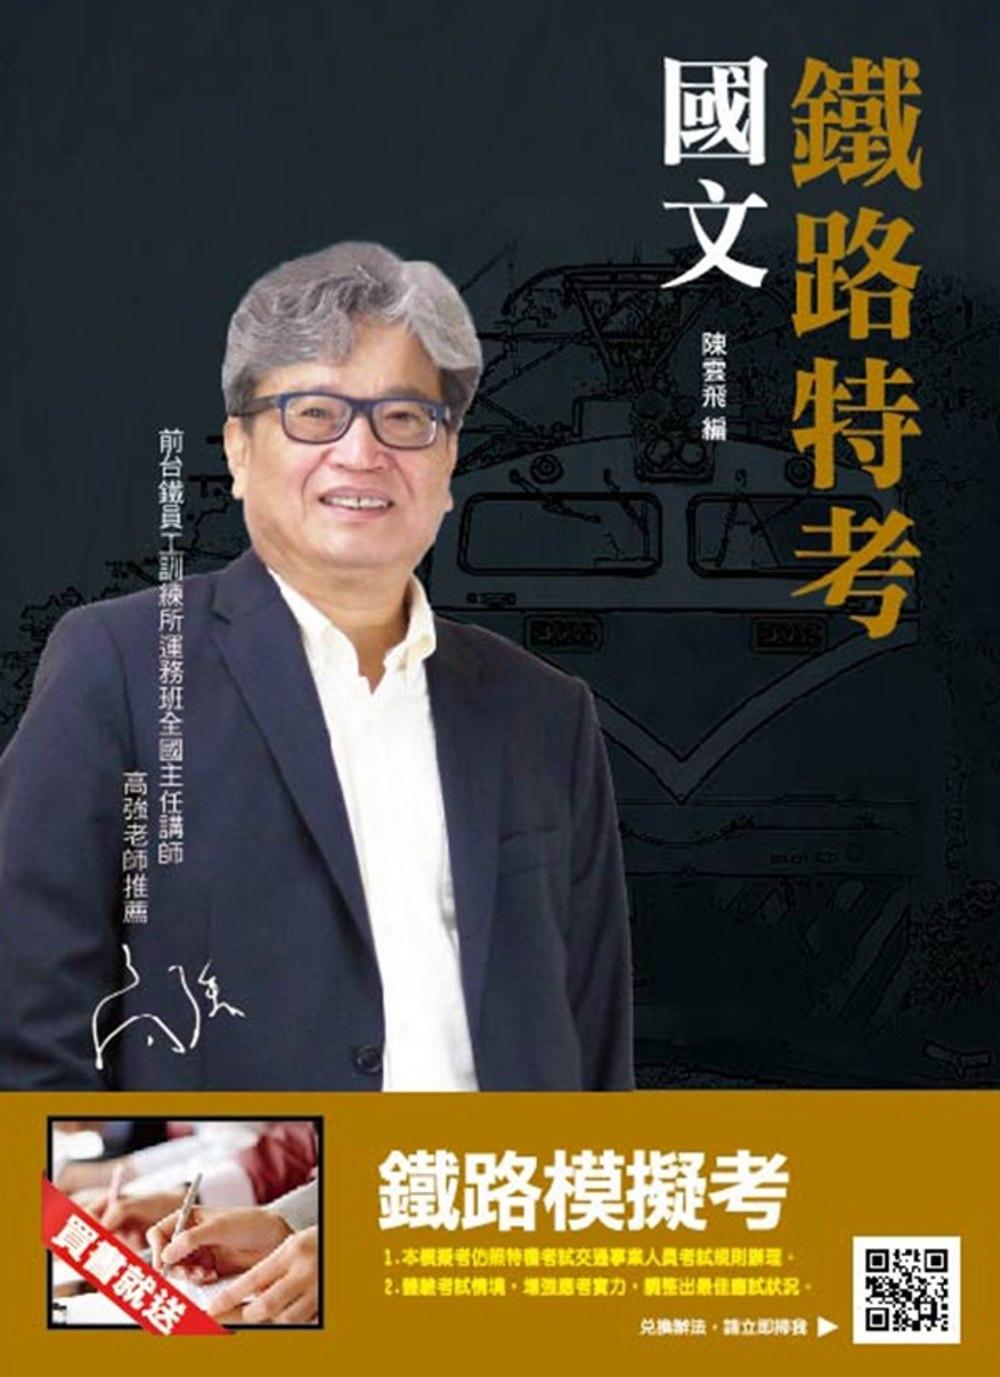 【106年最新版】國文(含公文格式用語)(鐵路特考適用)(贈鐵路模擬考)(12版)